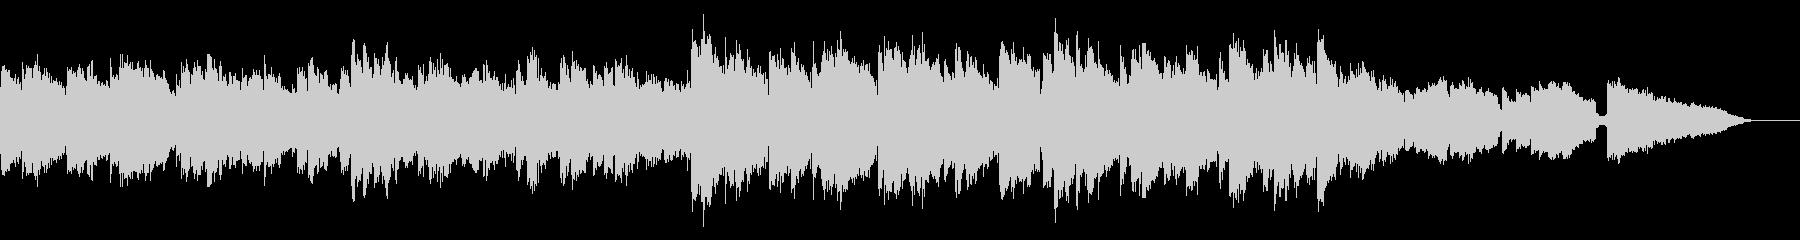 感動の場面に合うギターのメロディループの未再生の波形